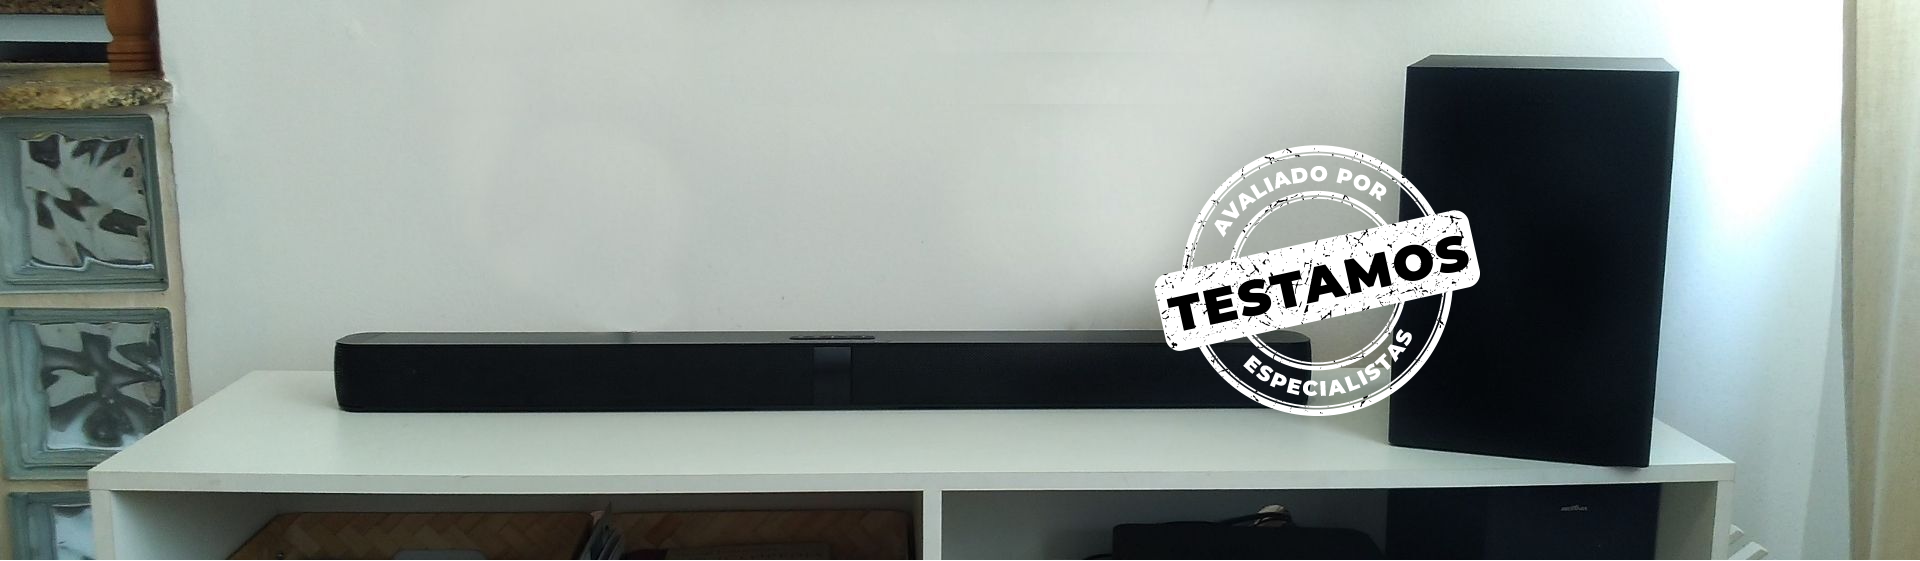 Soundbar TCL TS7010: aparelho 2.1 com suporte Dolby Digital e ótimo custo-benefício